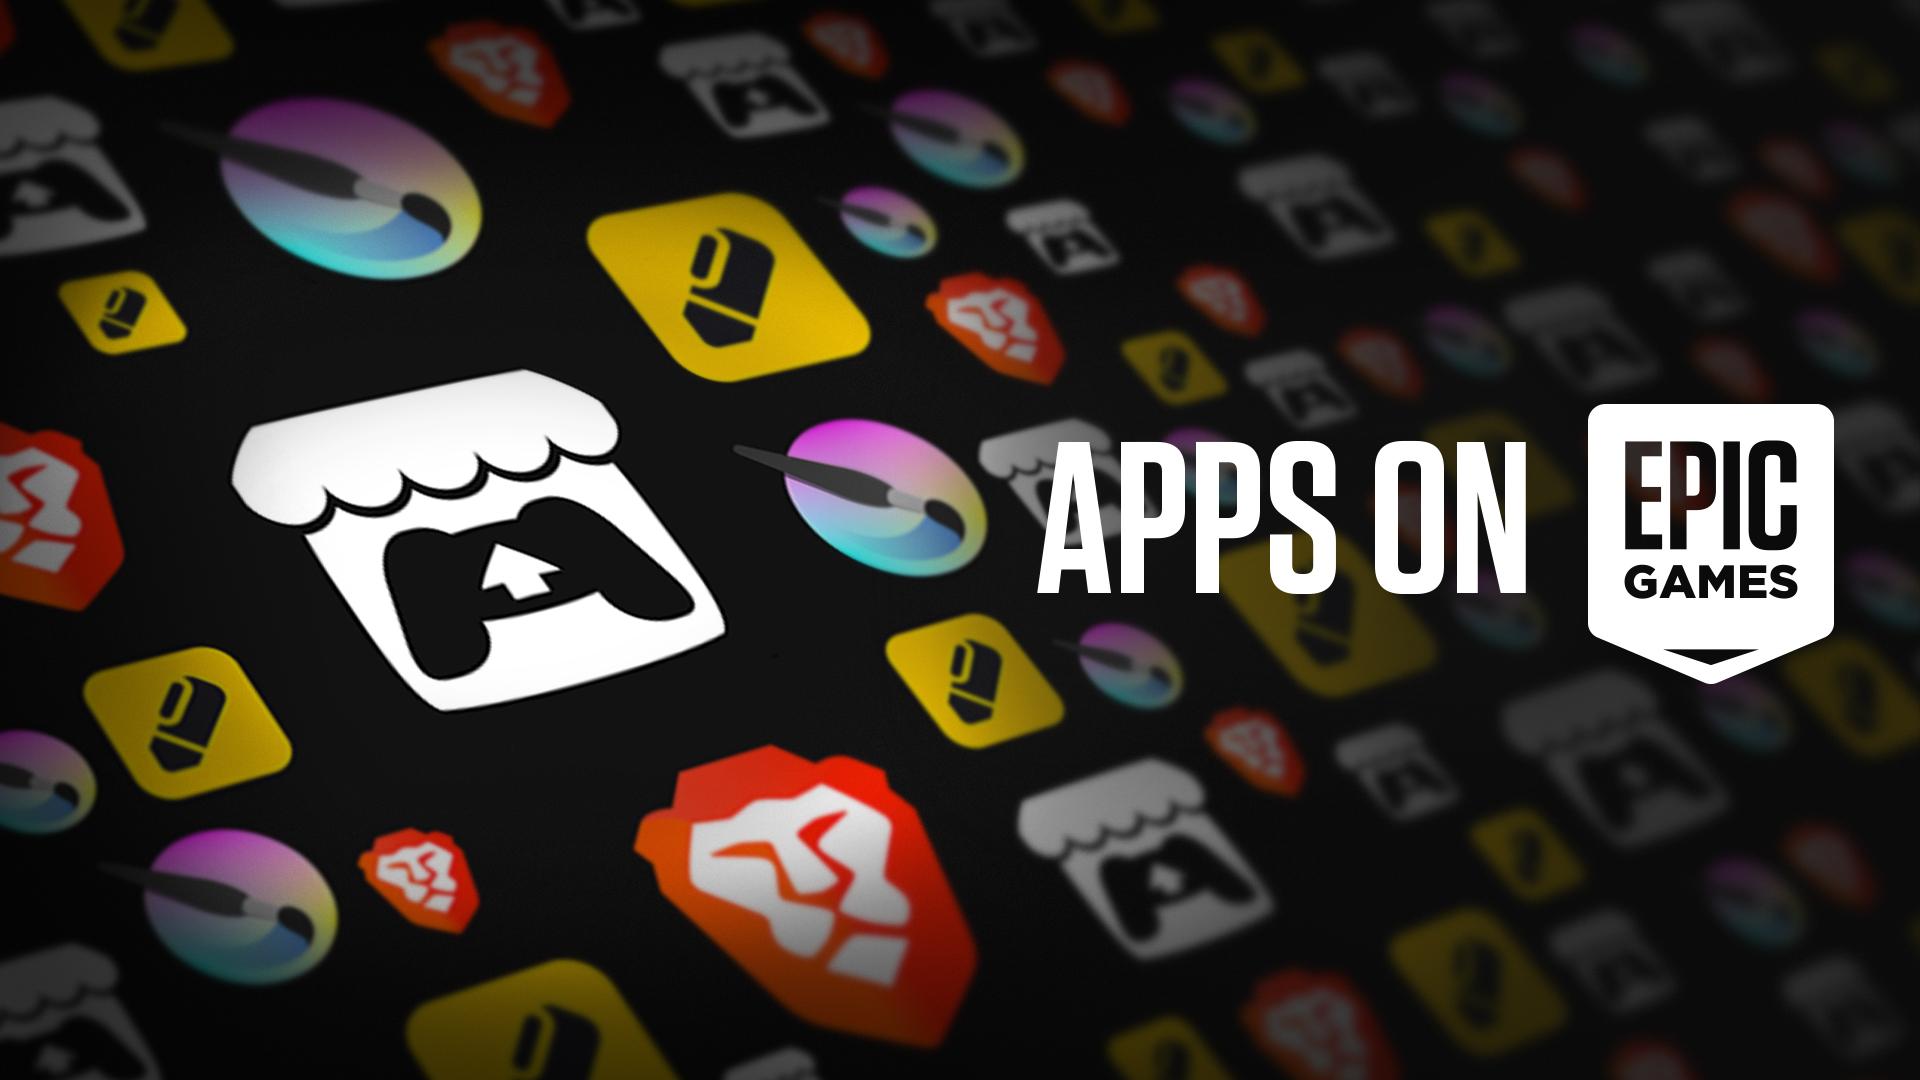 Epic Games Store добавил пять новых десктопных приложений Windows, включая браузер Brave и инди-платформу Itch.io. На подходе мессенджер Discord - ITC.ua